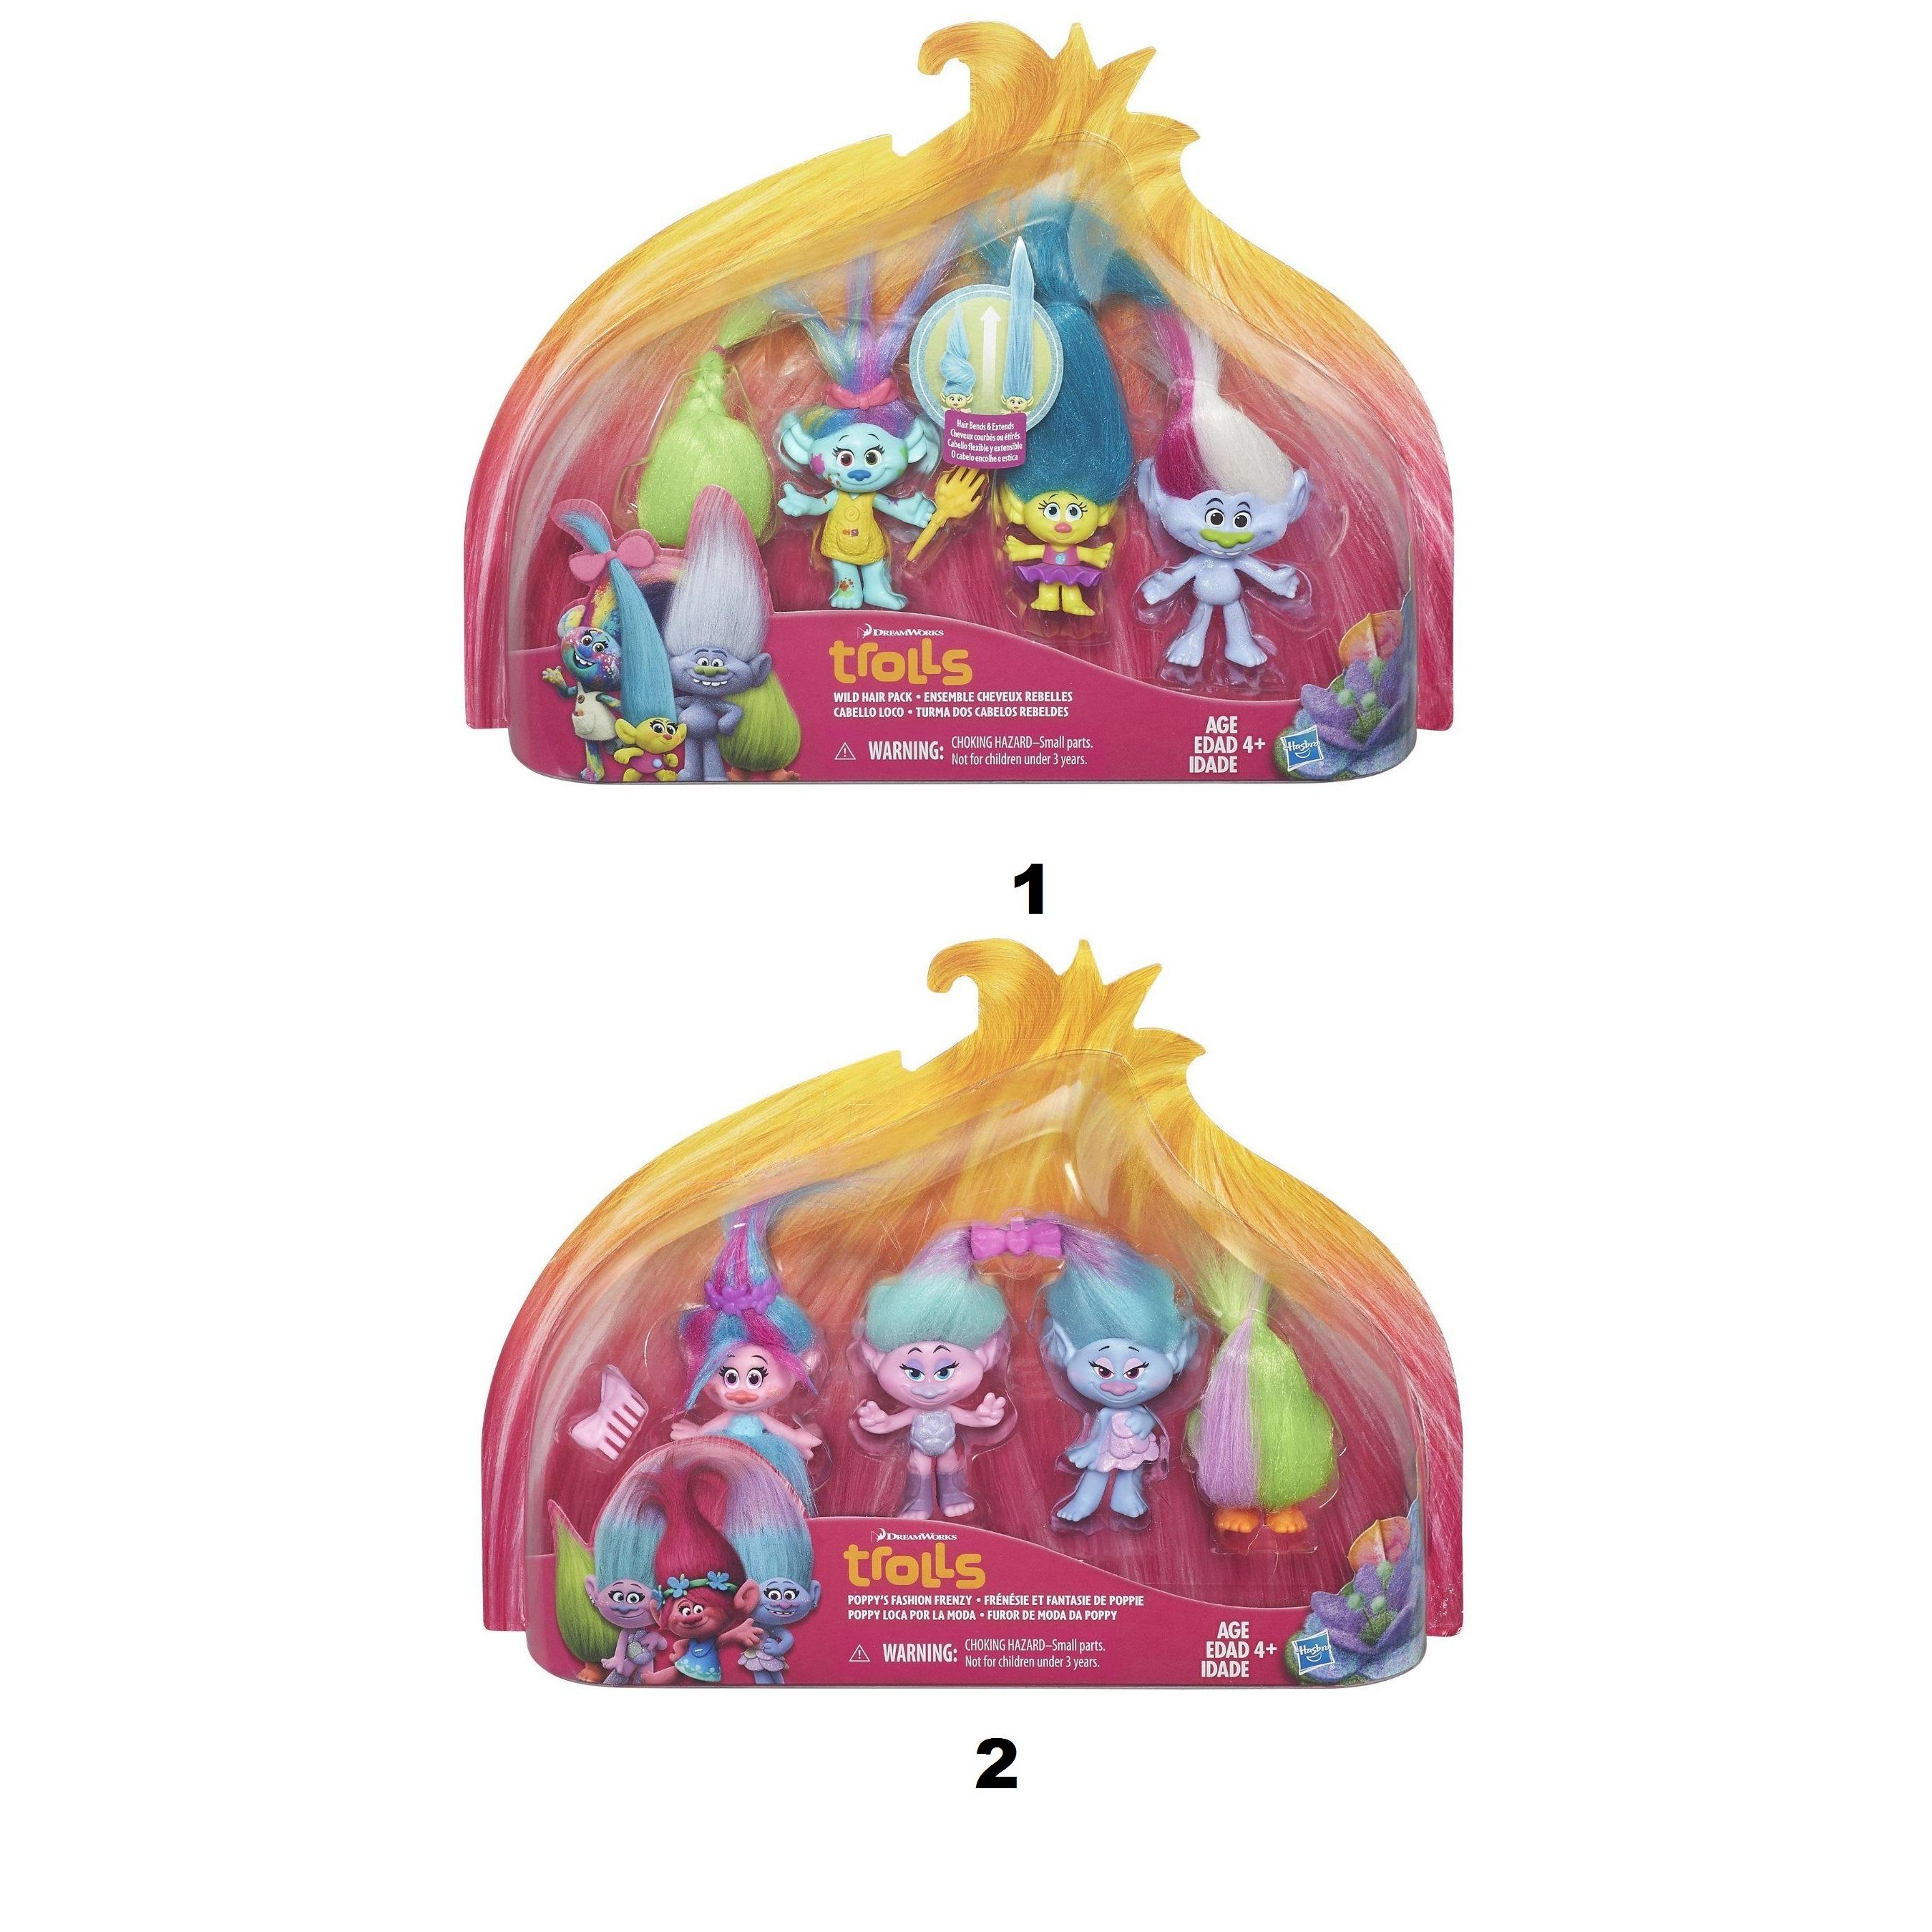 Игровой набор из 4 фигурок героев  Тролли - Тролли игрушки, артикул: 147337